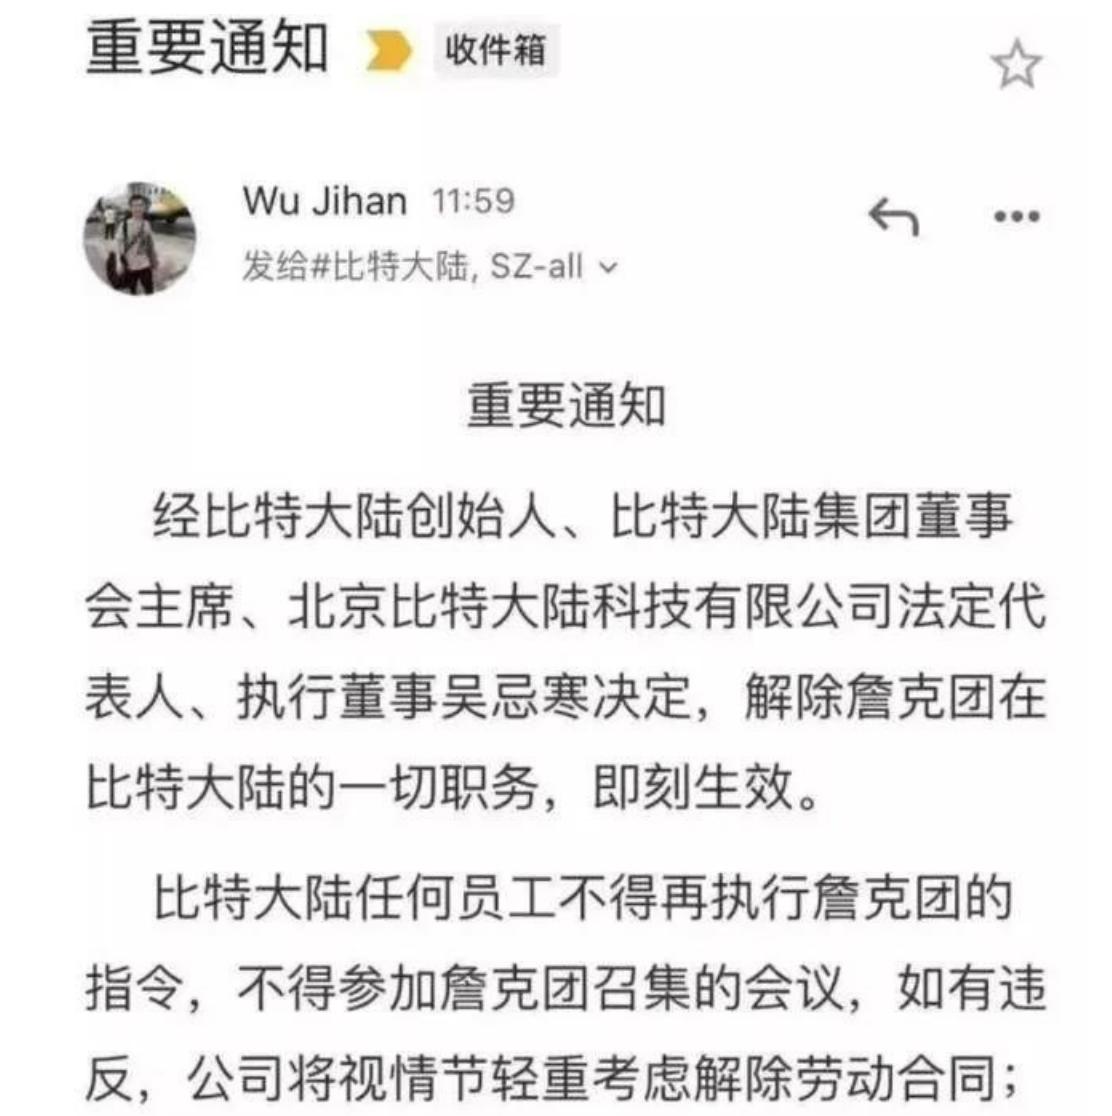 """比特大陆两位创始人宣告""""和解"""":吴忌寒辞职,助推公司上市"""